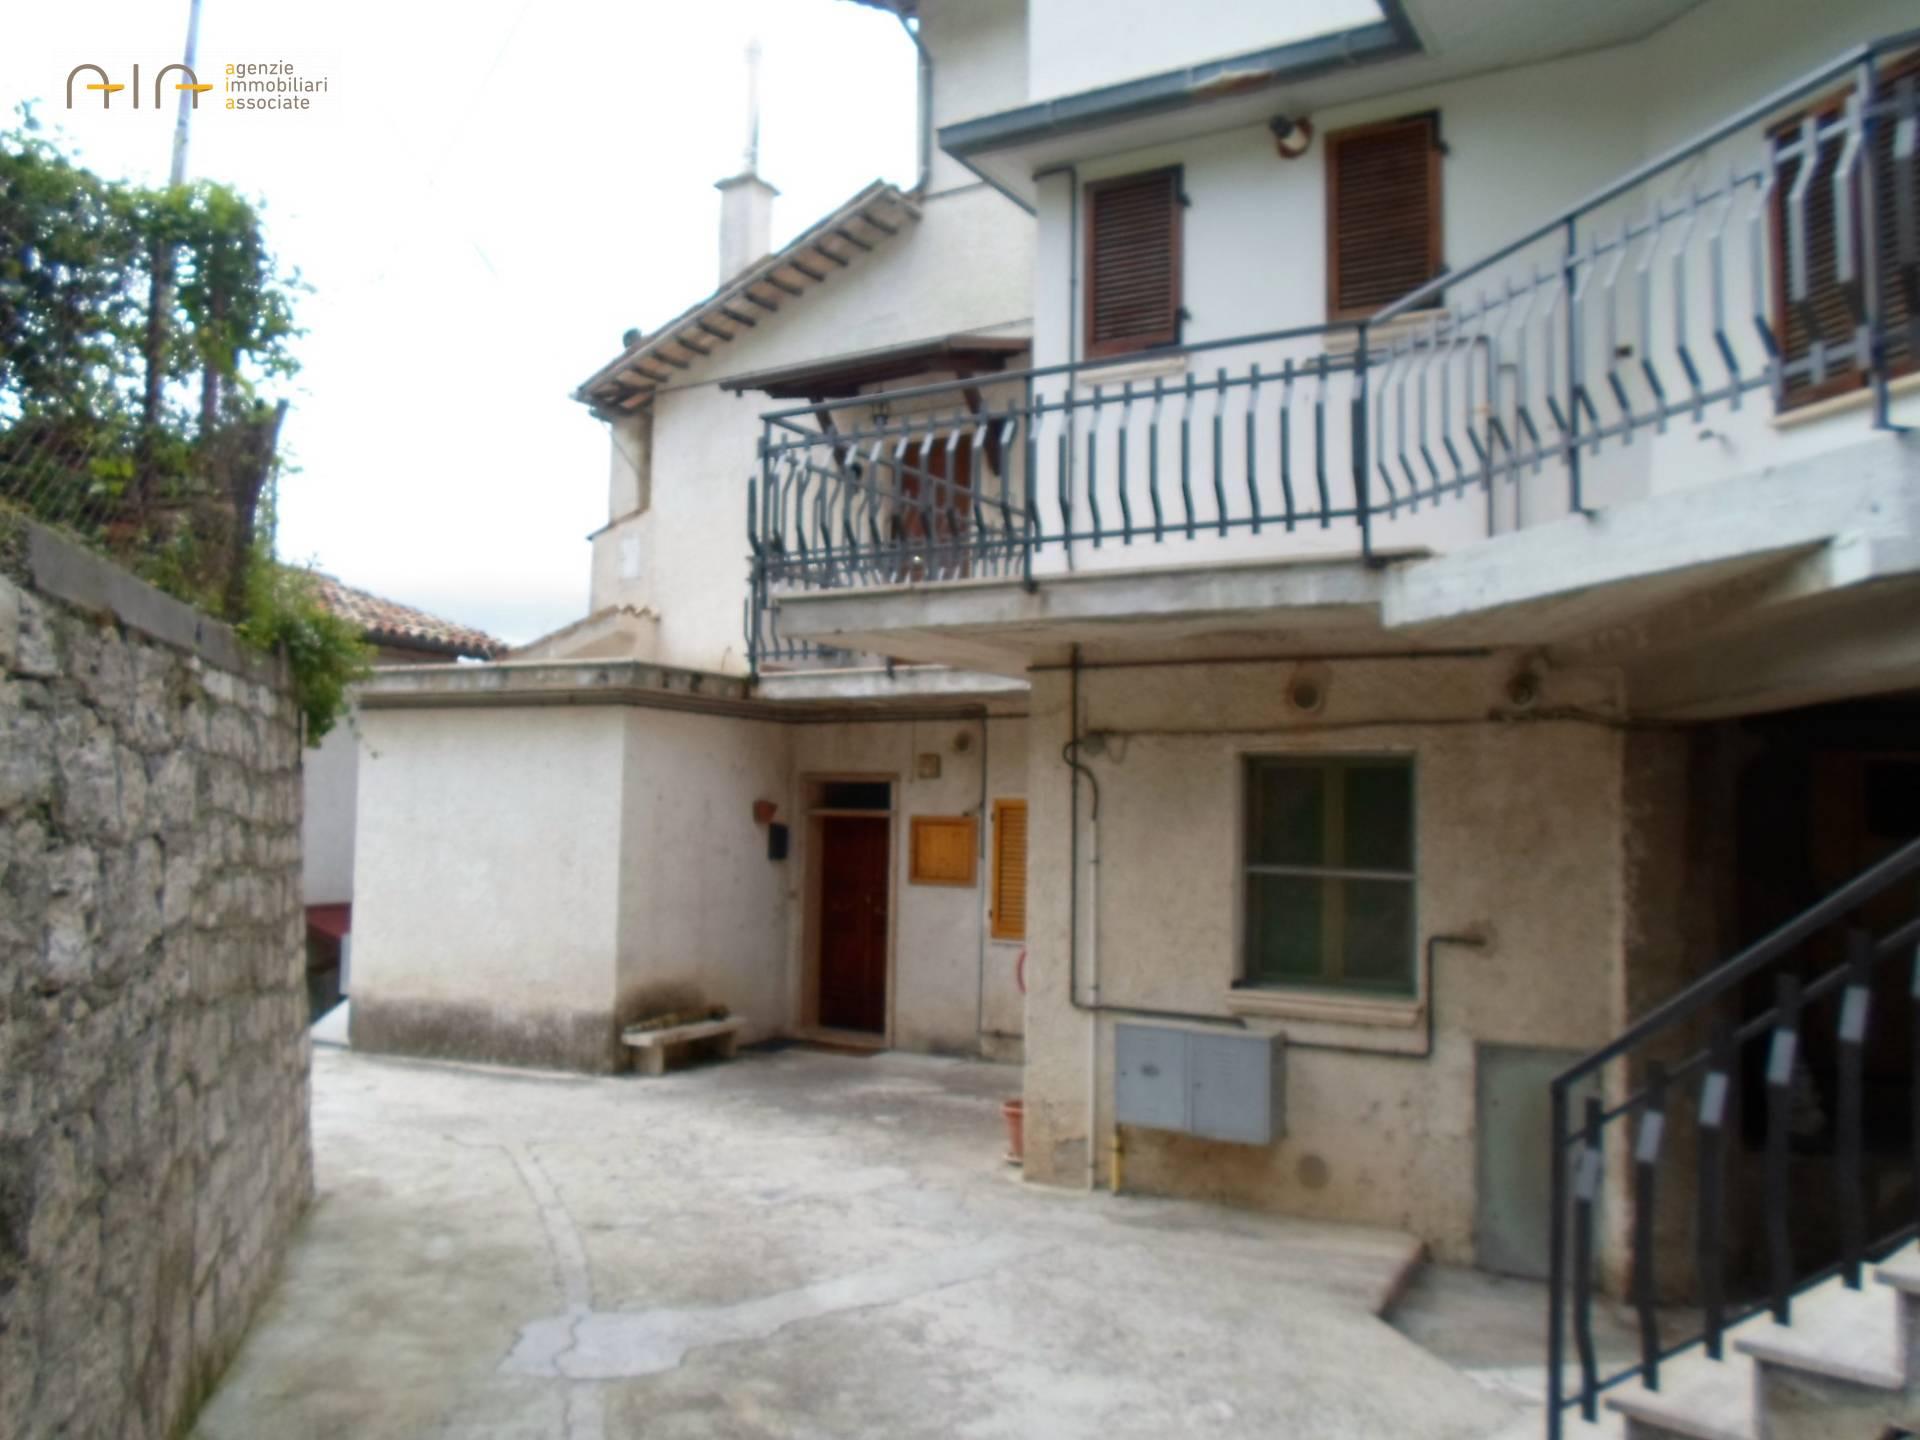 Appartamento in vendita Palombare-Loc. Palombare Ascoli Piceno